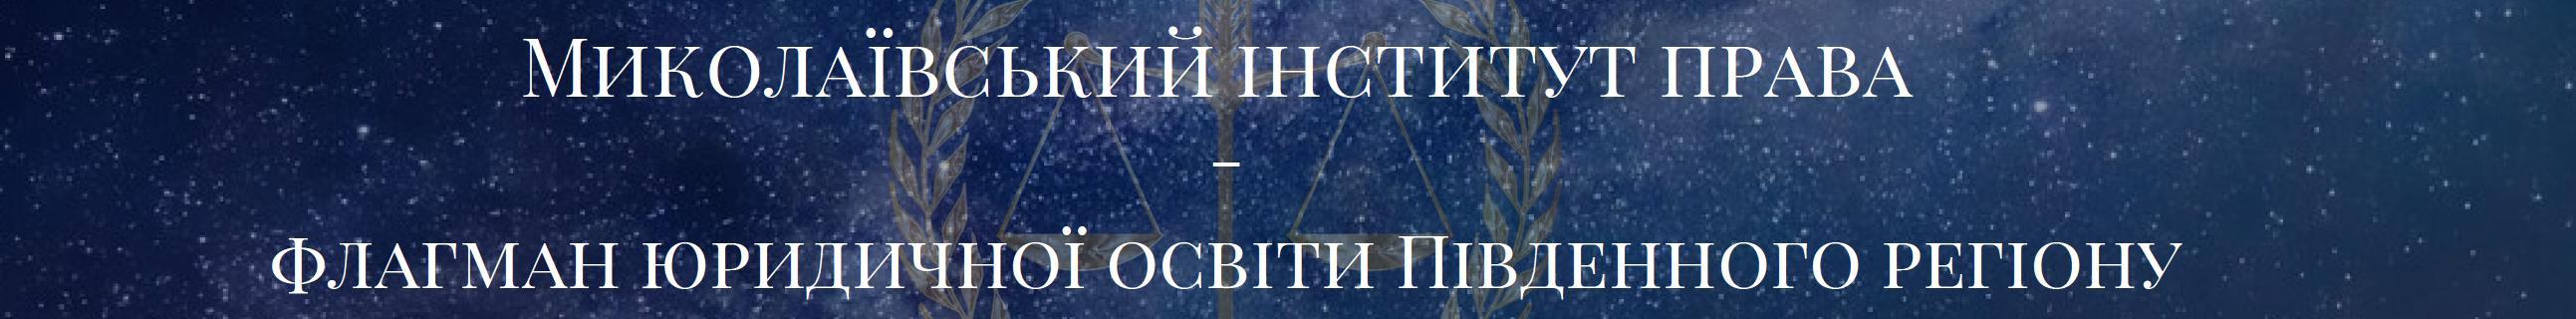 Миколаївський інститут права Національного університету _Одеська юридична академія_ (1) - 0003